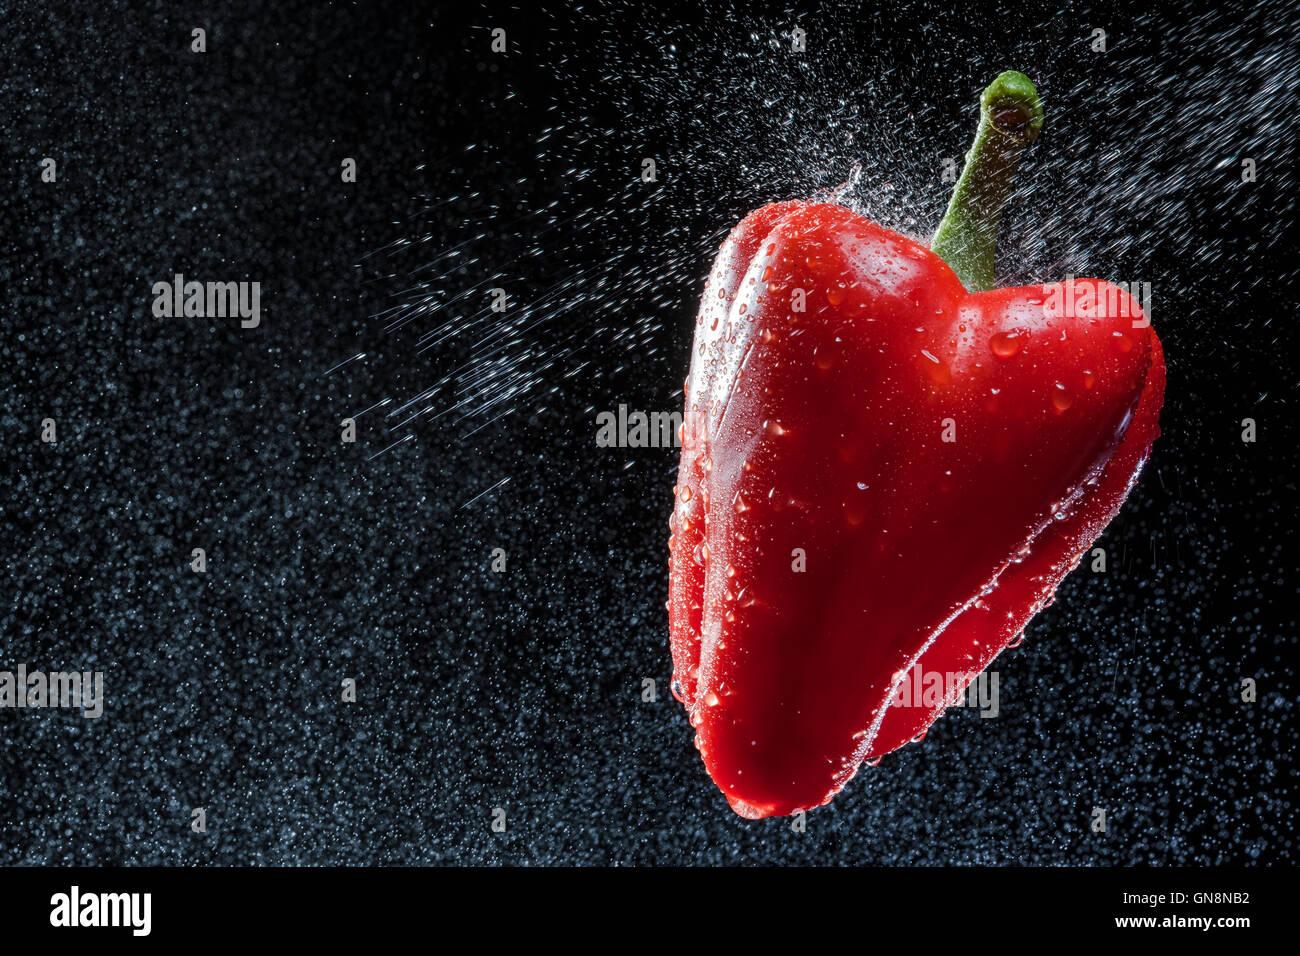 Peperone rosso in uno spray contro uno sfondo nero. Una serie di frutta e verdura in movimento. Immagini Stock